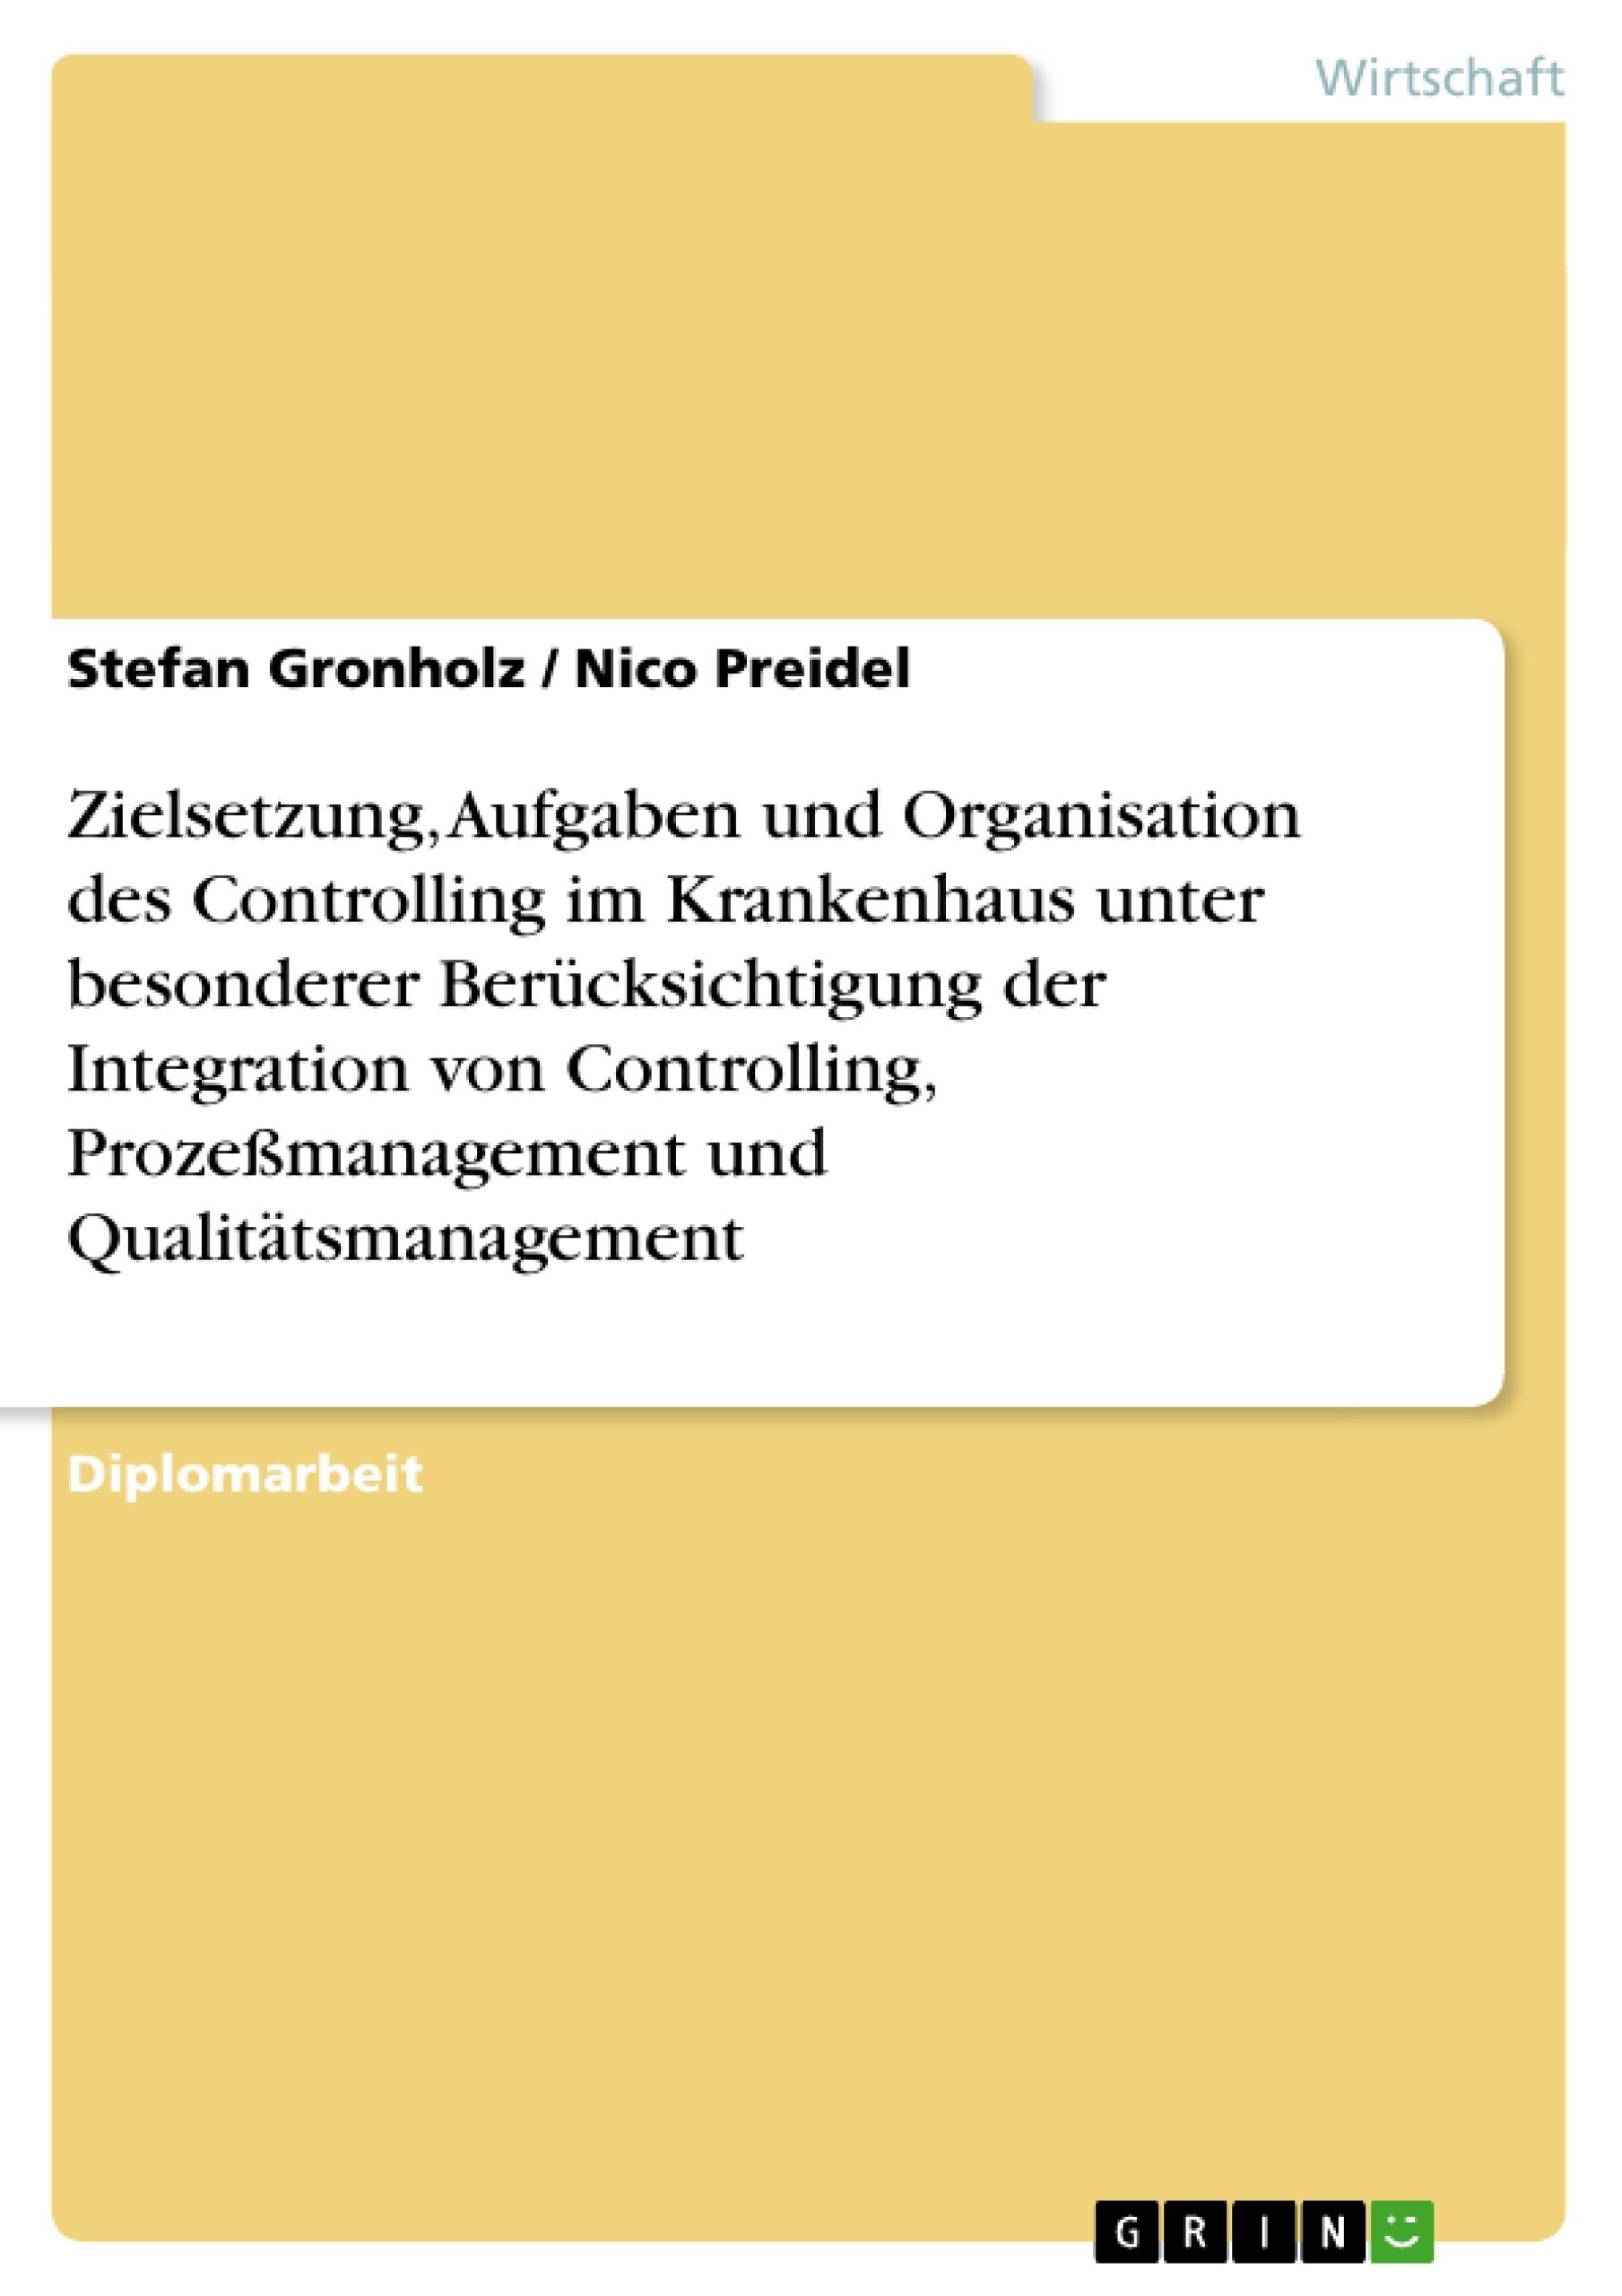 Titel: Zielsetzung, Aufgaben und Organisation des Controlling im Krankenhaus unter besonderer Berücksichtigung der Integration von Controlling, Prozeßmanagement und Qualitätsmanagement